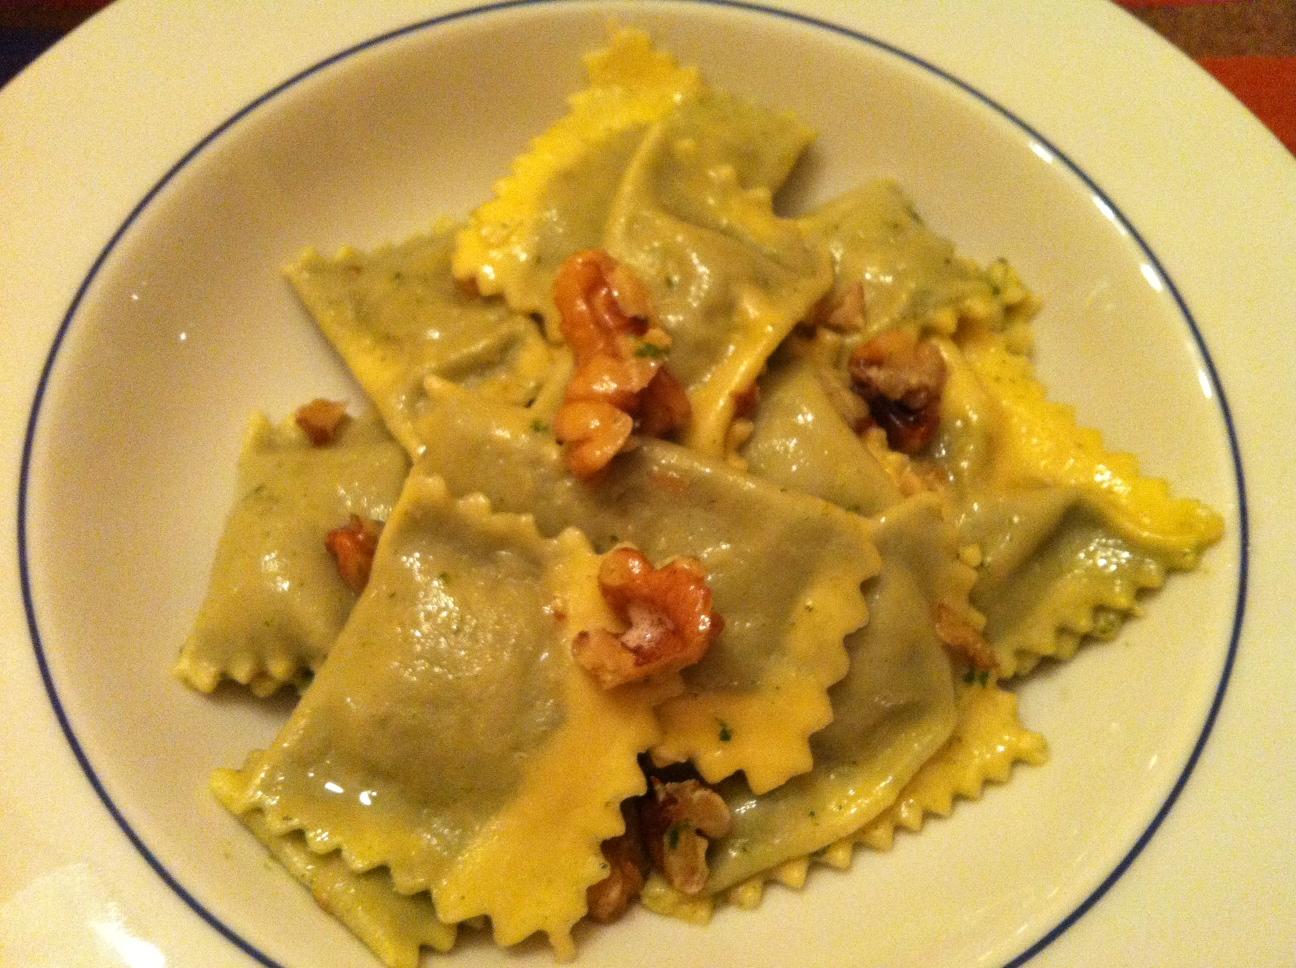 ravioli burro salvia e noci a cena con amici - Cena Con Amici Cosa Cucinare